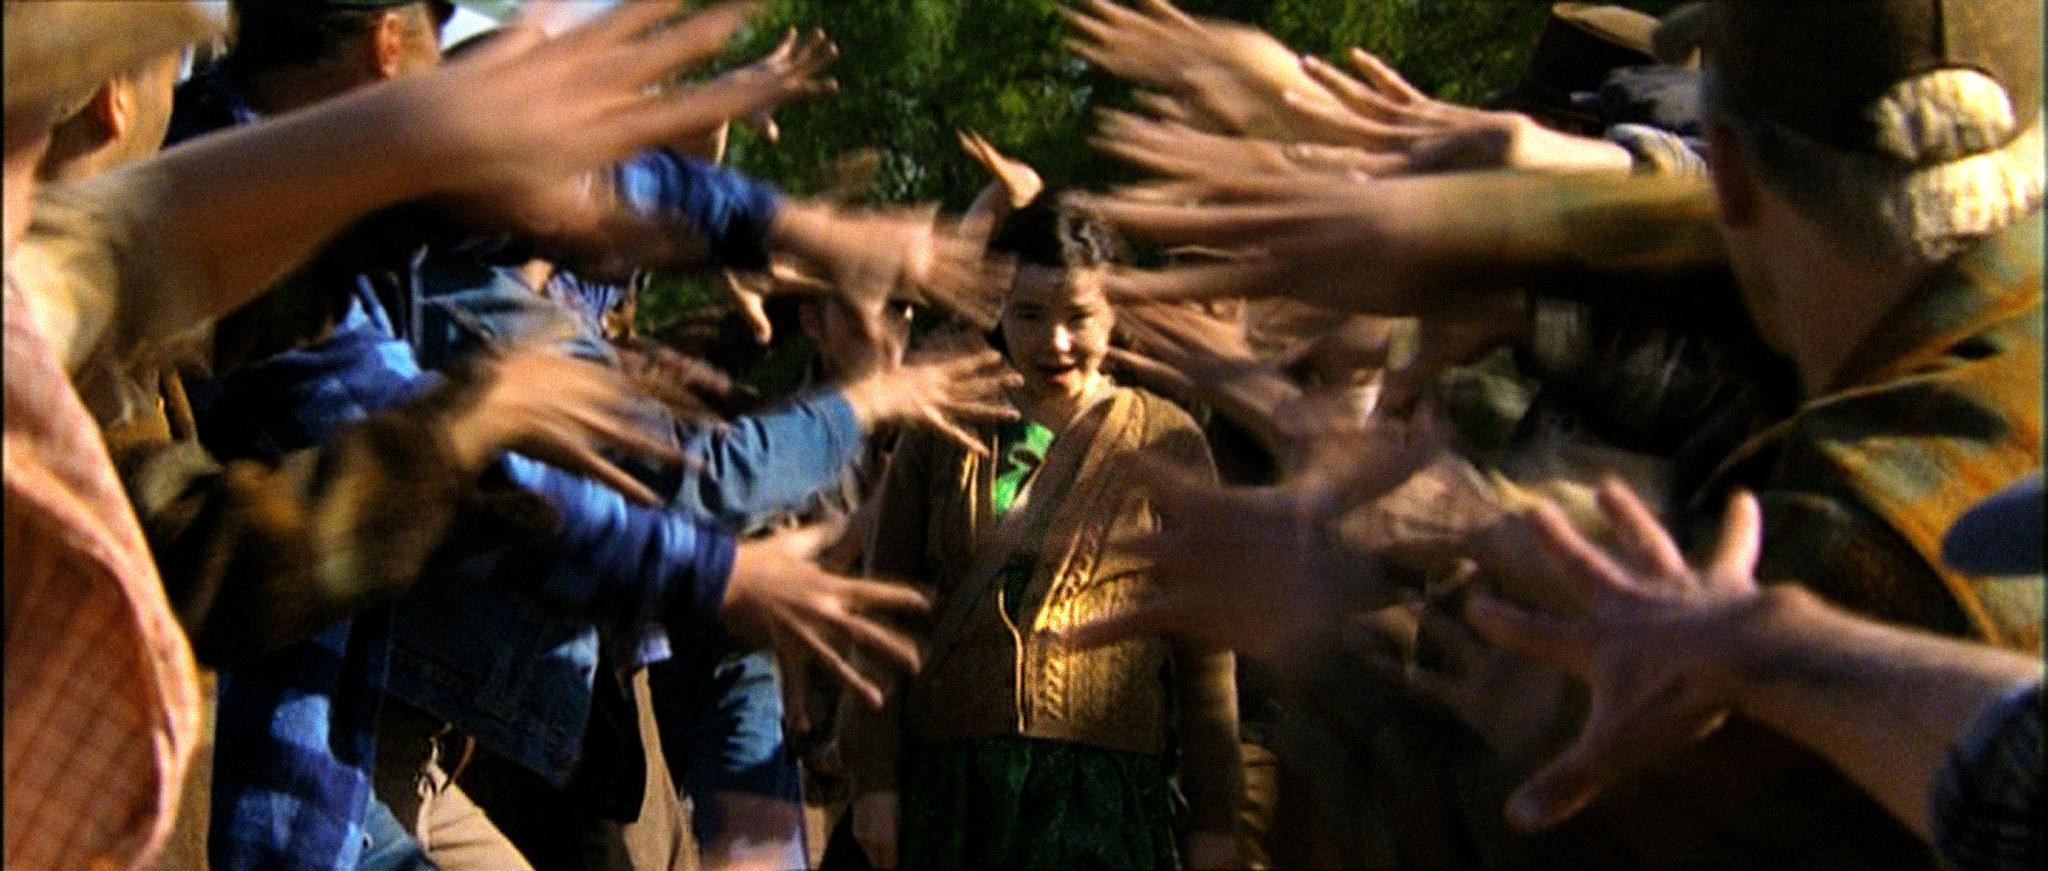 《在黑暗中漫舞:20週年數位修復版》勇奪坎城影展金棕櫚雙料大獎經典鉅作光芒再現